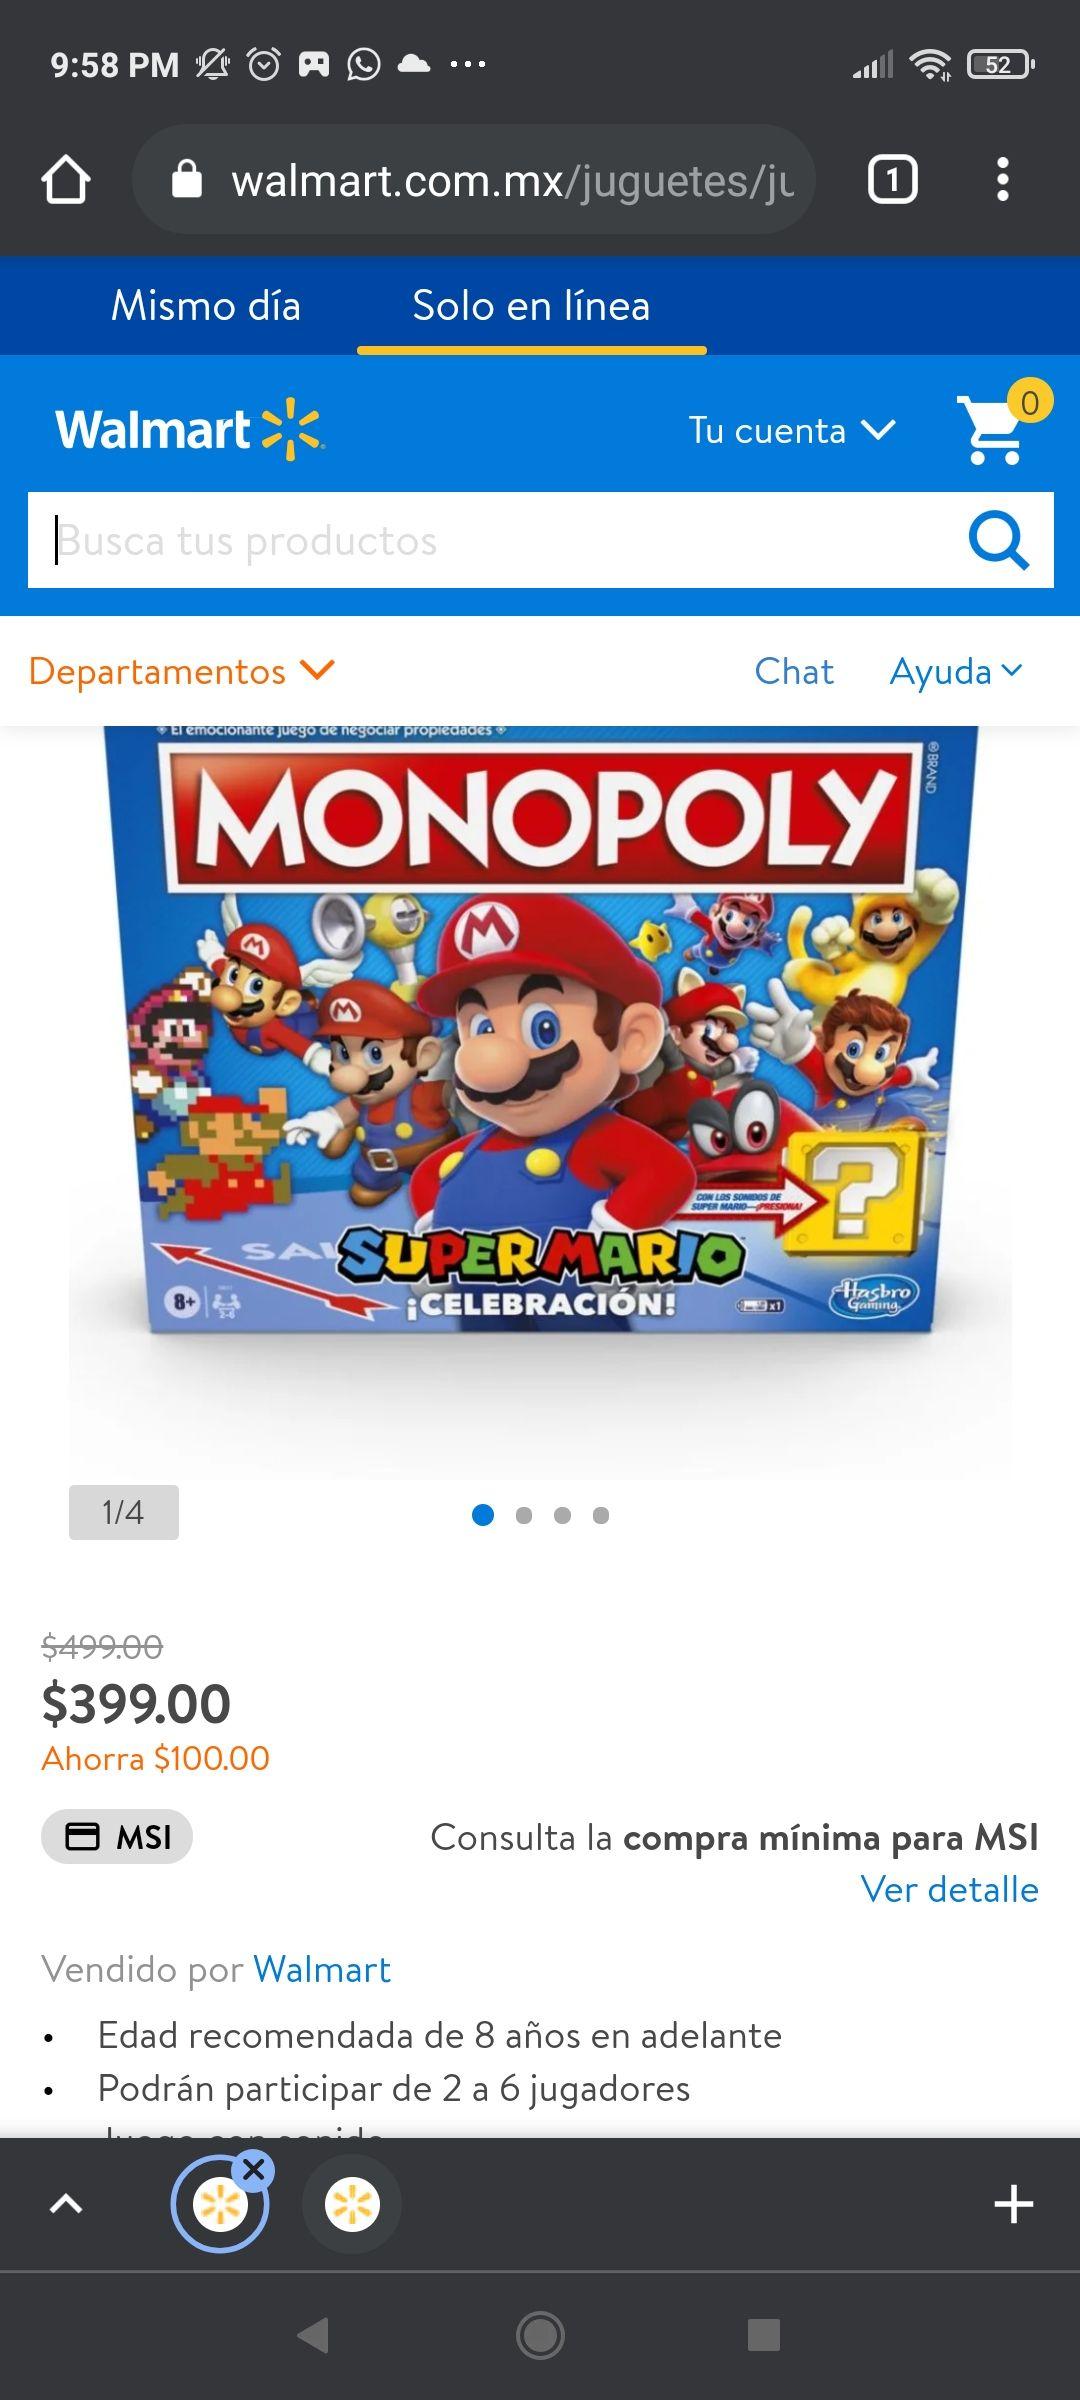 Walmart; Monopoly Super Mario Bros